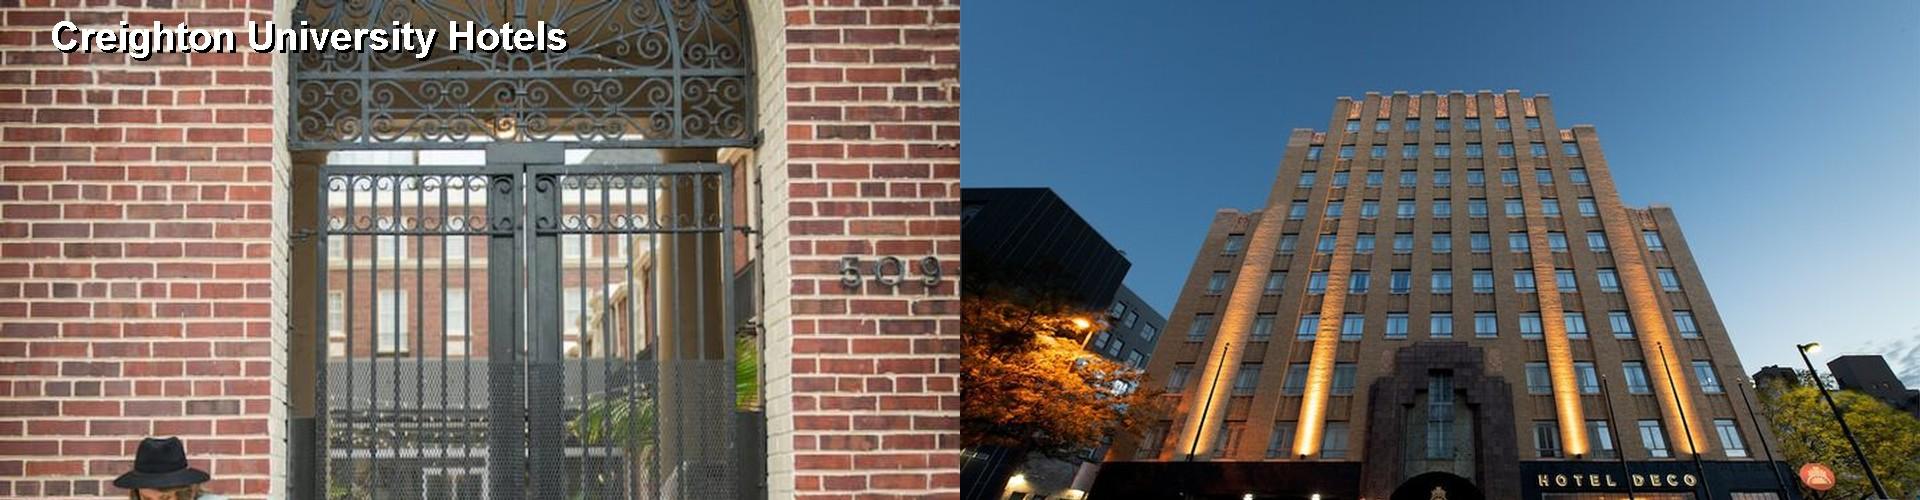 46 Hotels Near Creighton University in Omaha NE